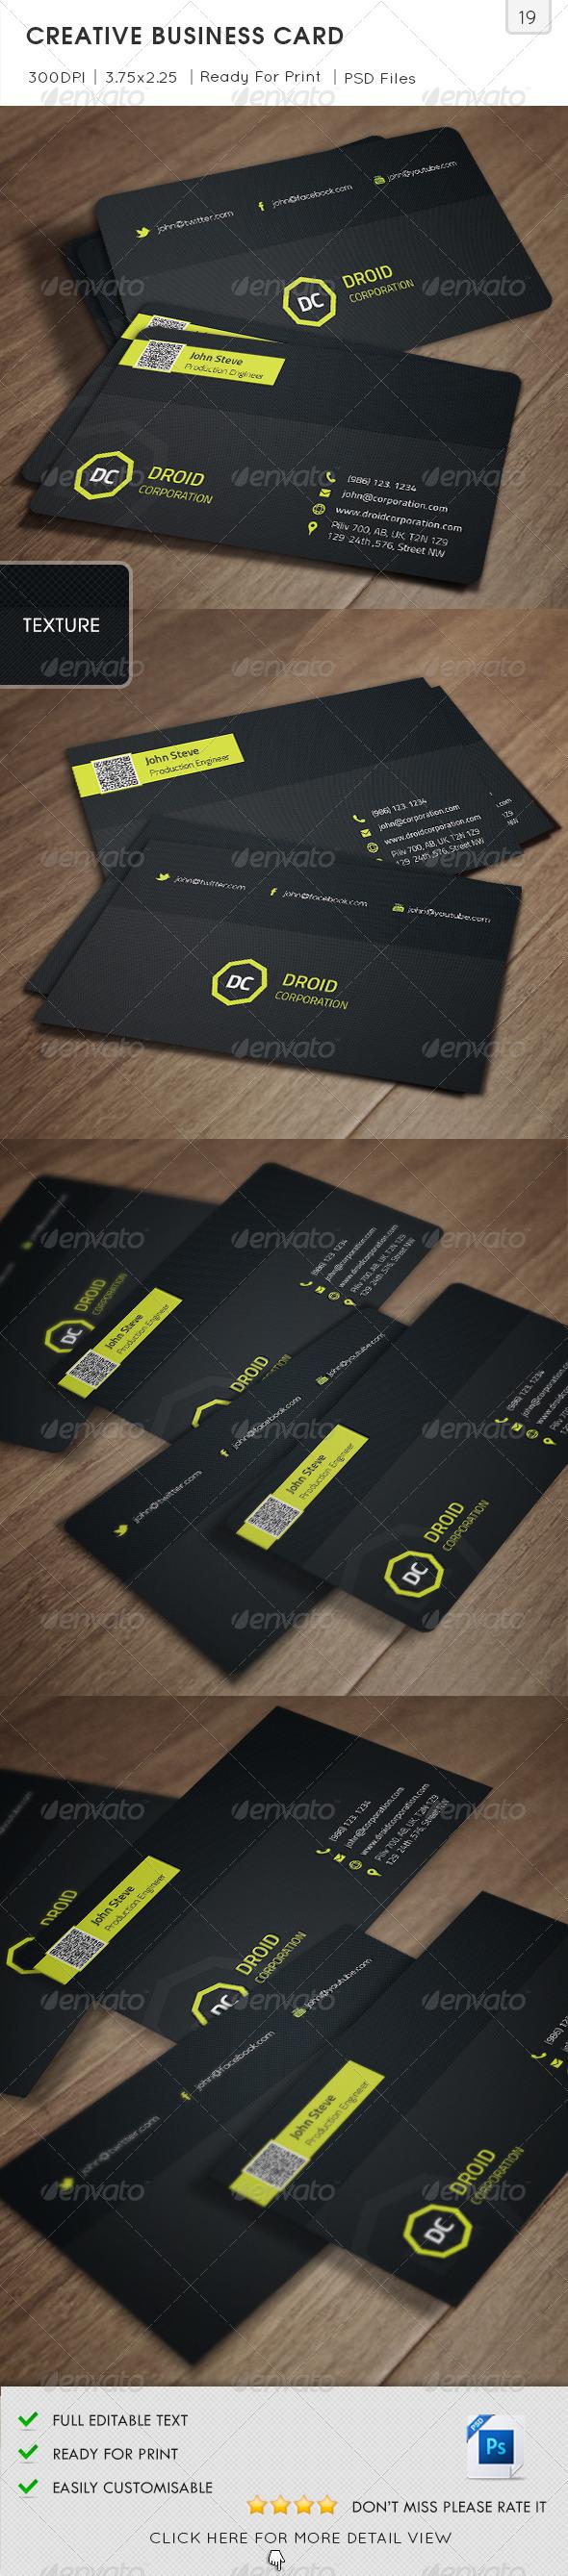 GraphicRiver Creative Business Card v19 5954181